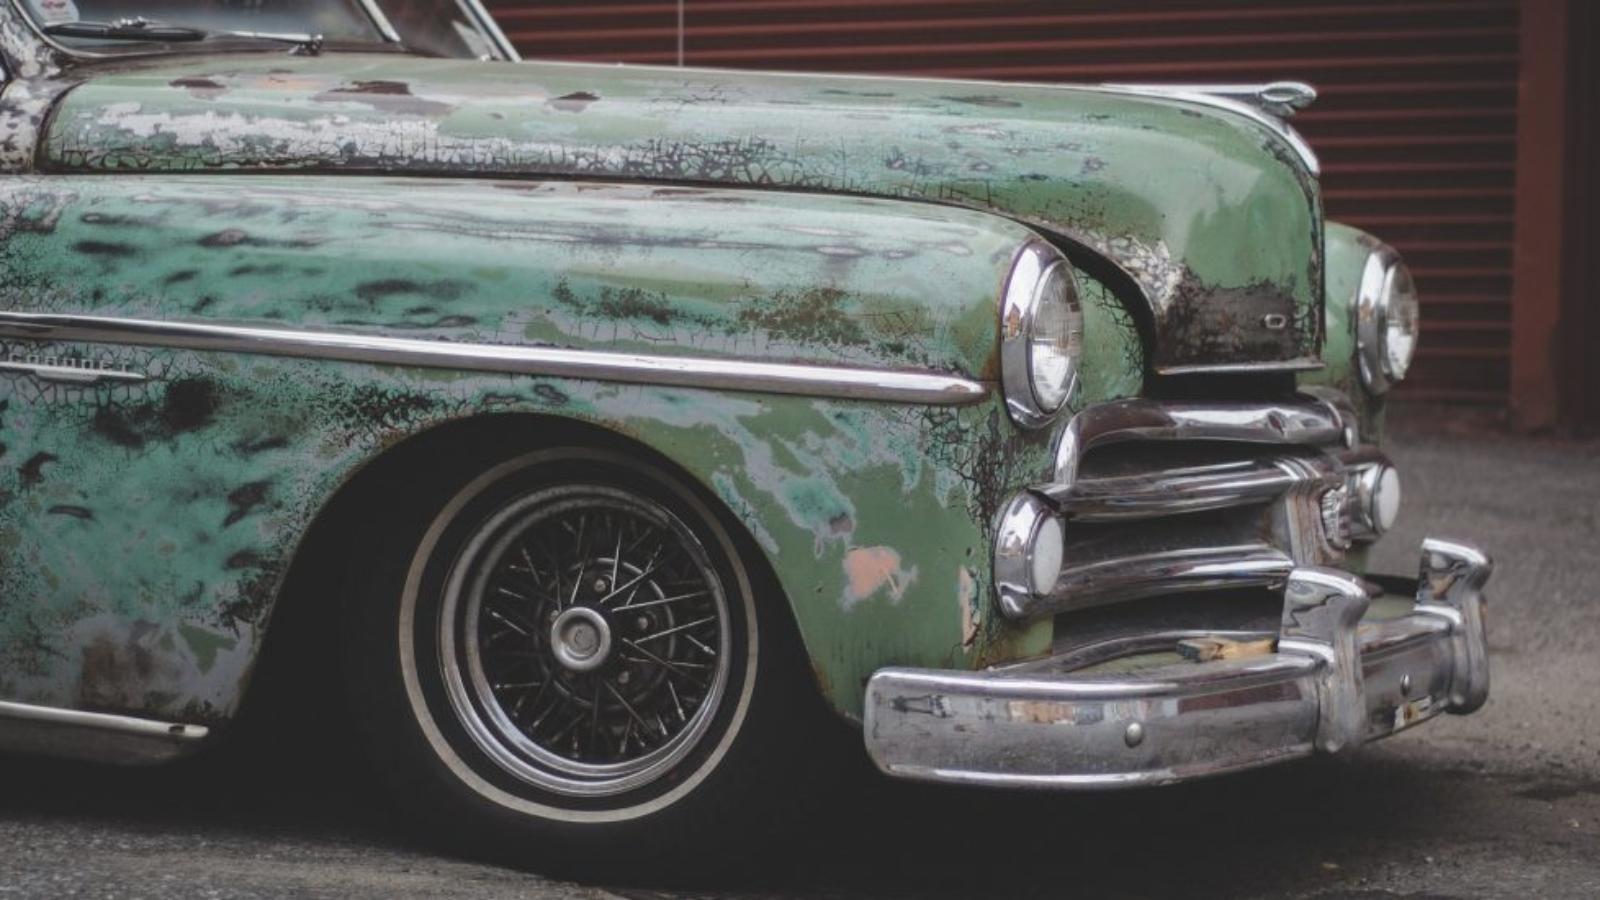 Vecs automobilis zaļajā krāsā